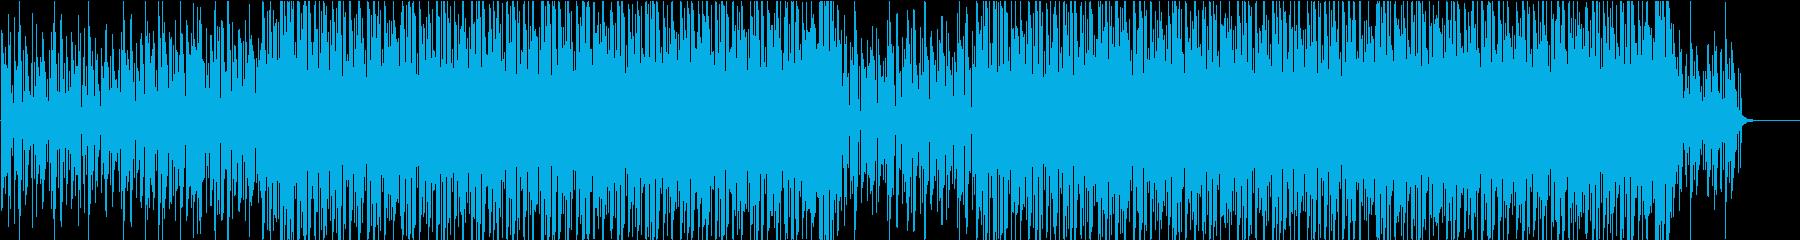 ファンキーなアコギリフによるCM曲の再生済みの波形